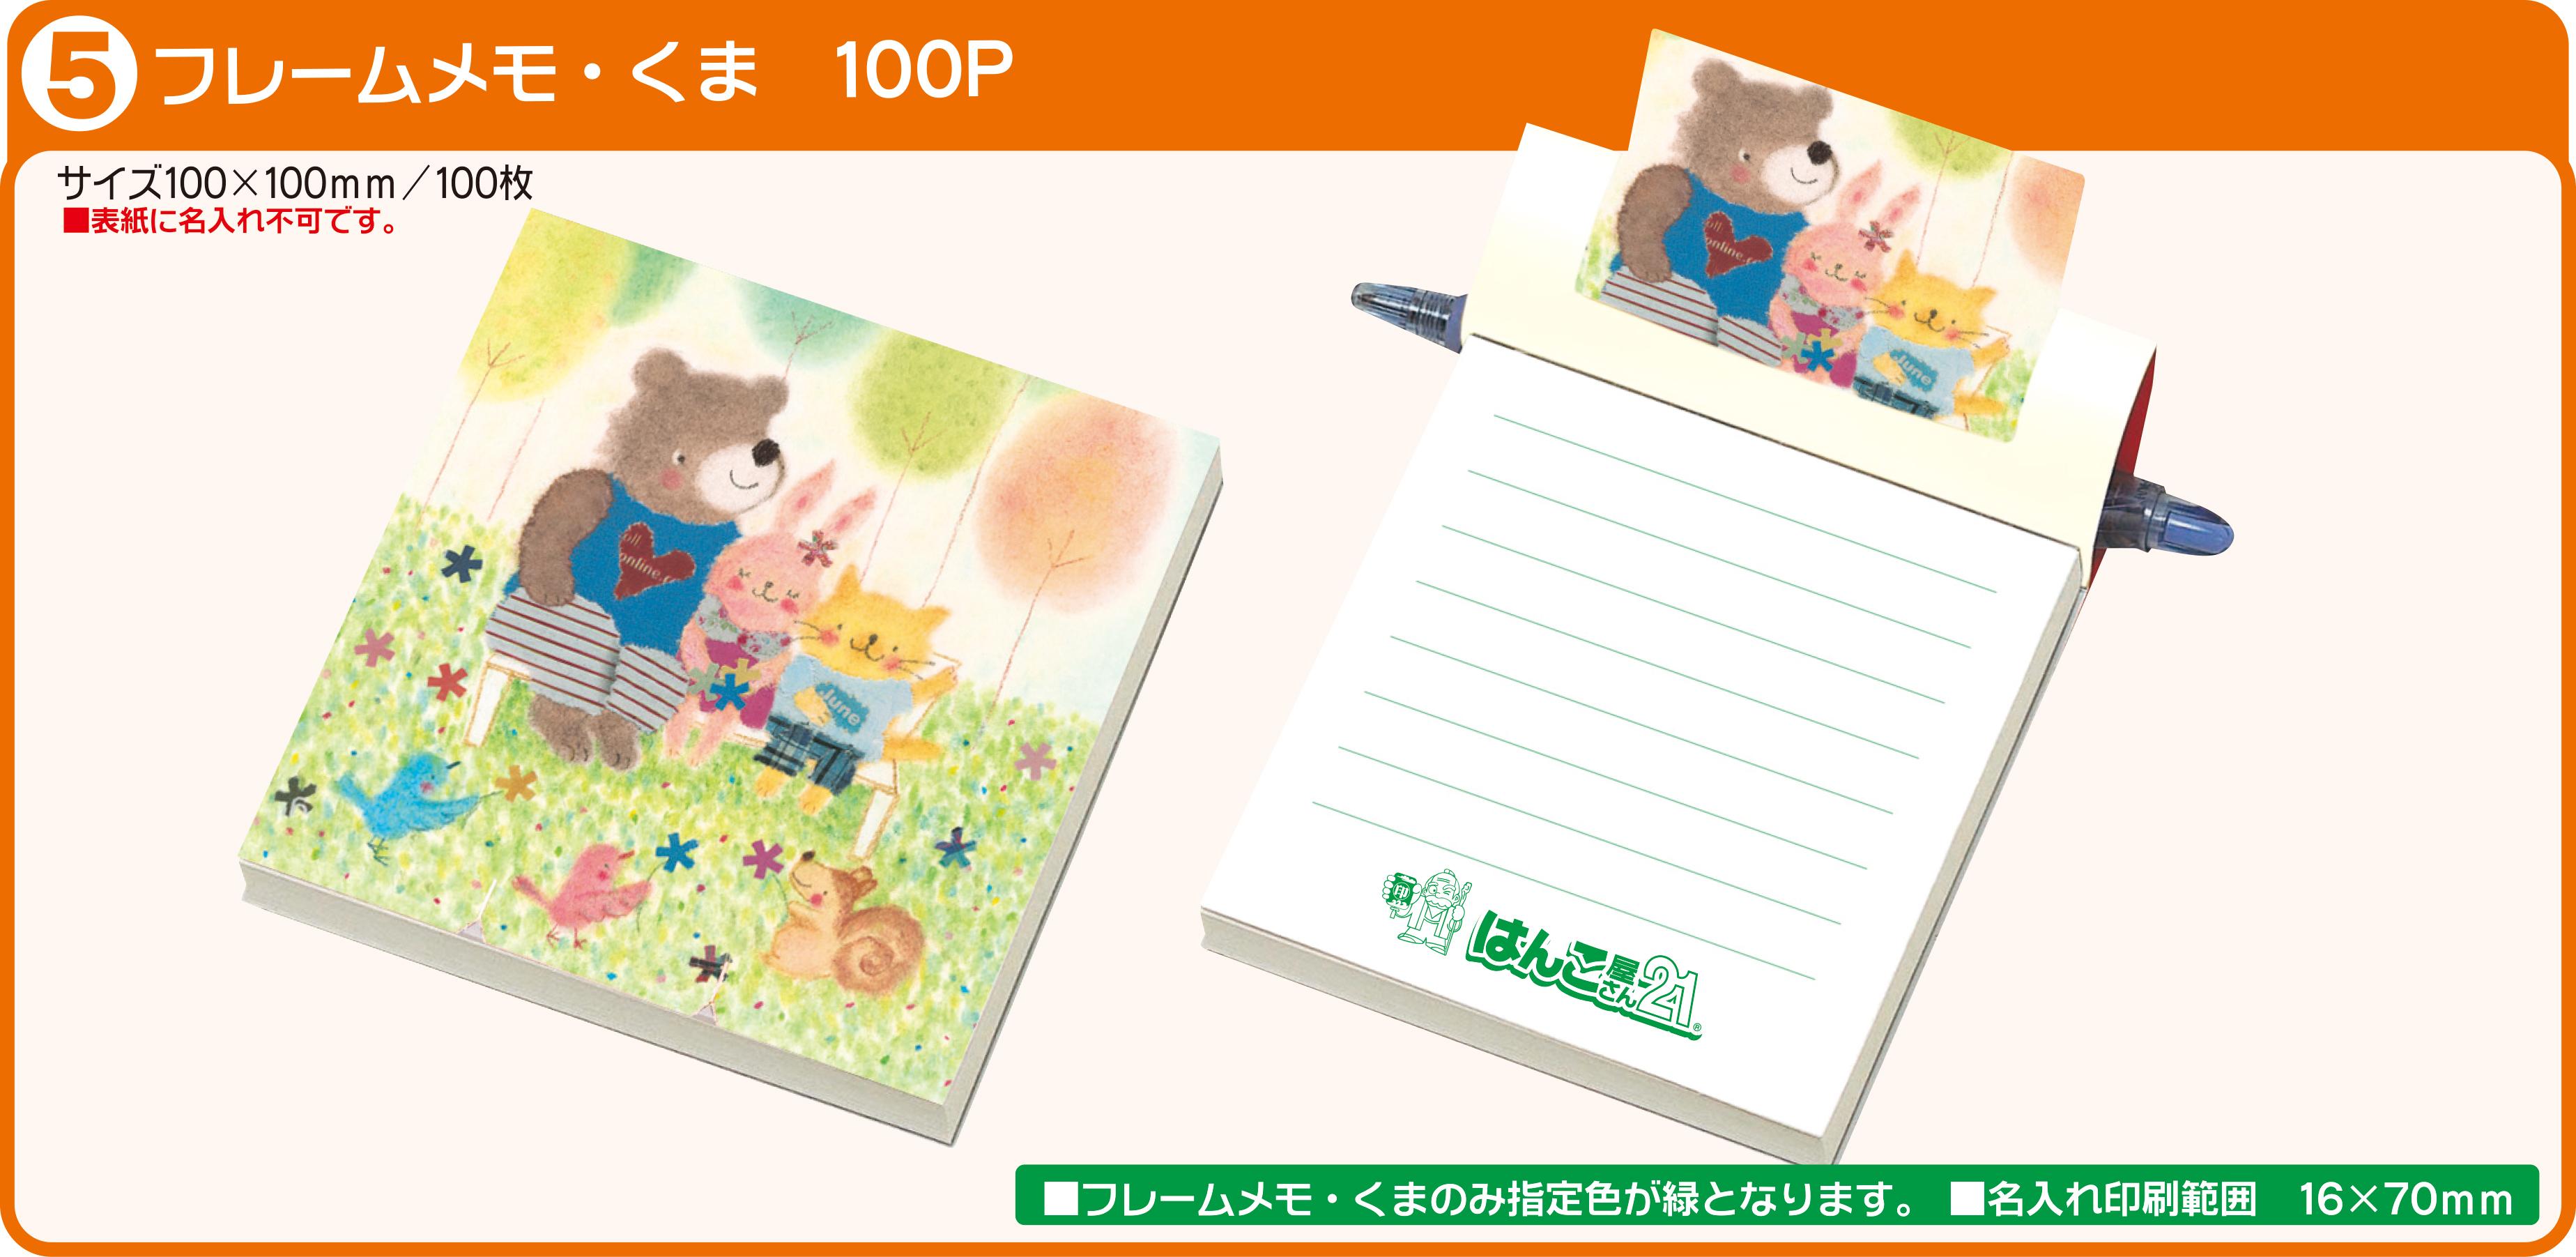 メモ帳ラインナップ3